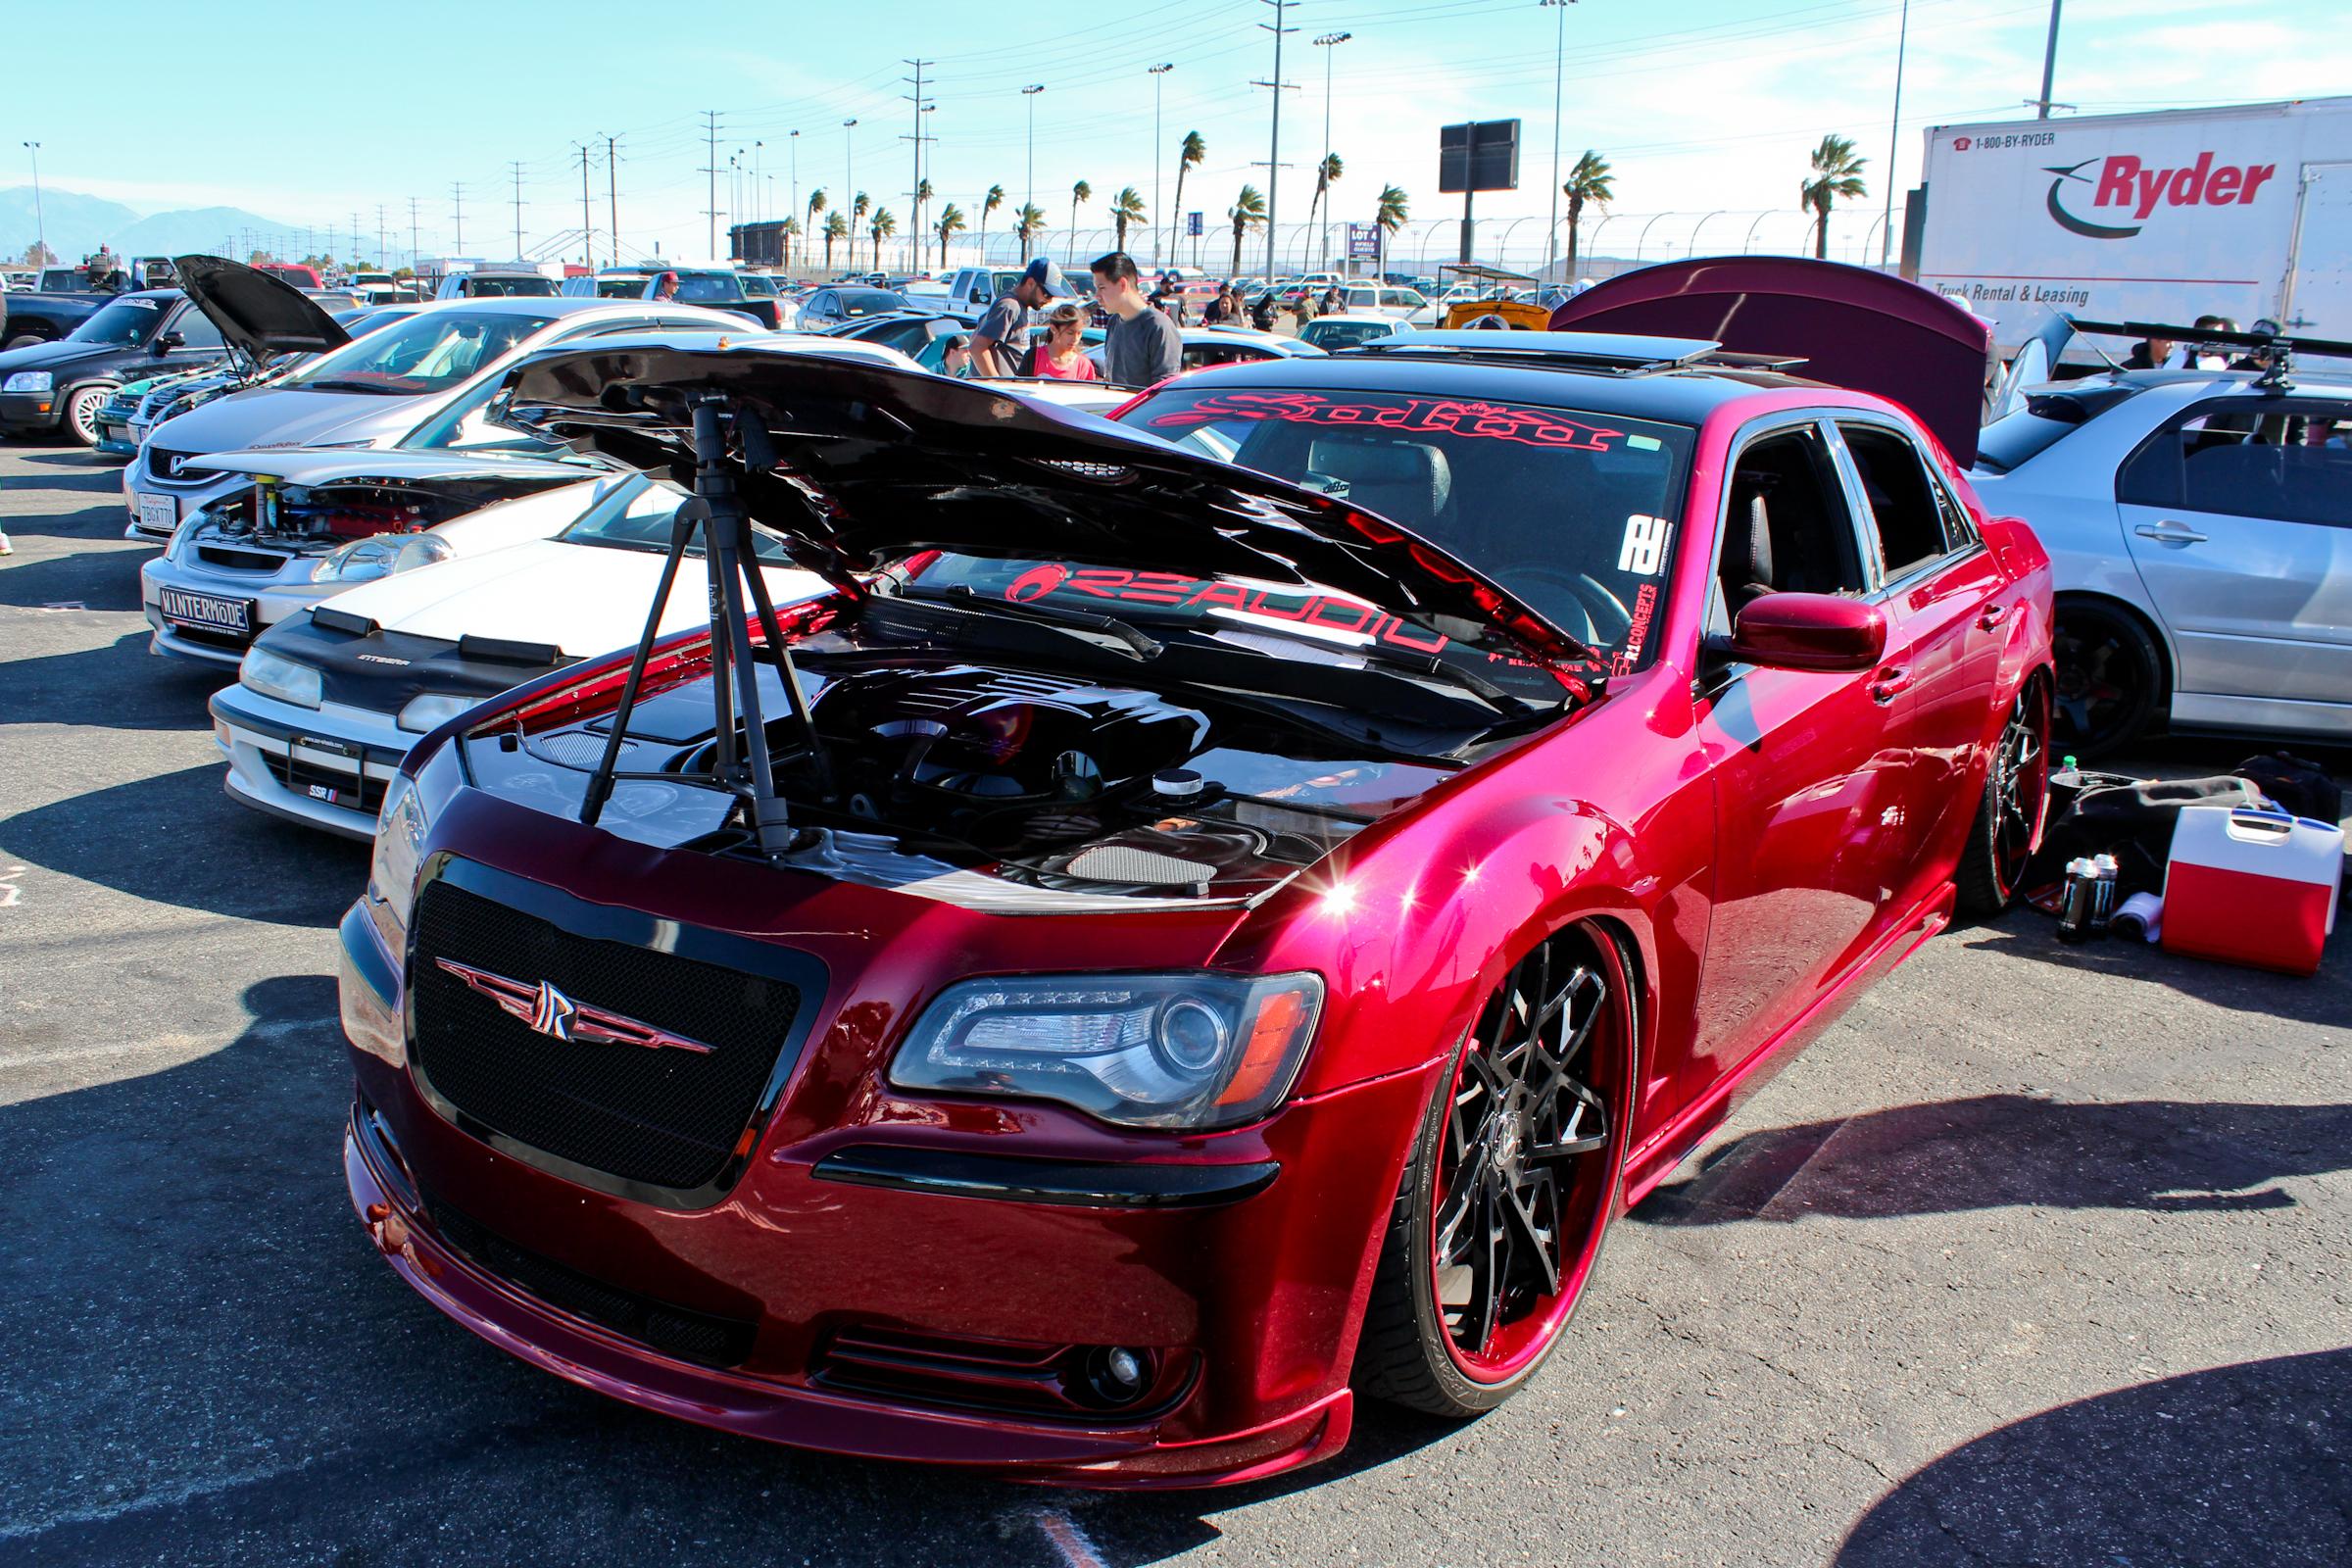 Stanced Chrysler 300 Chrysler 300c Dumped a...